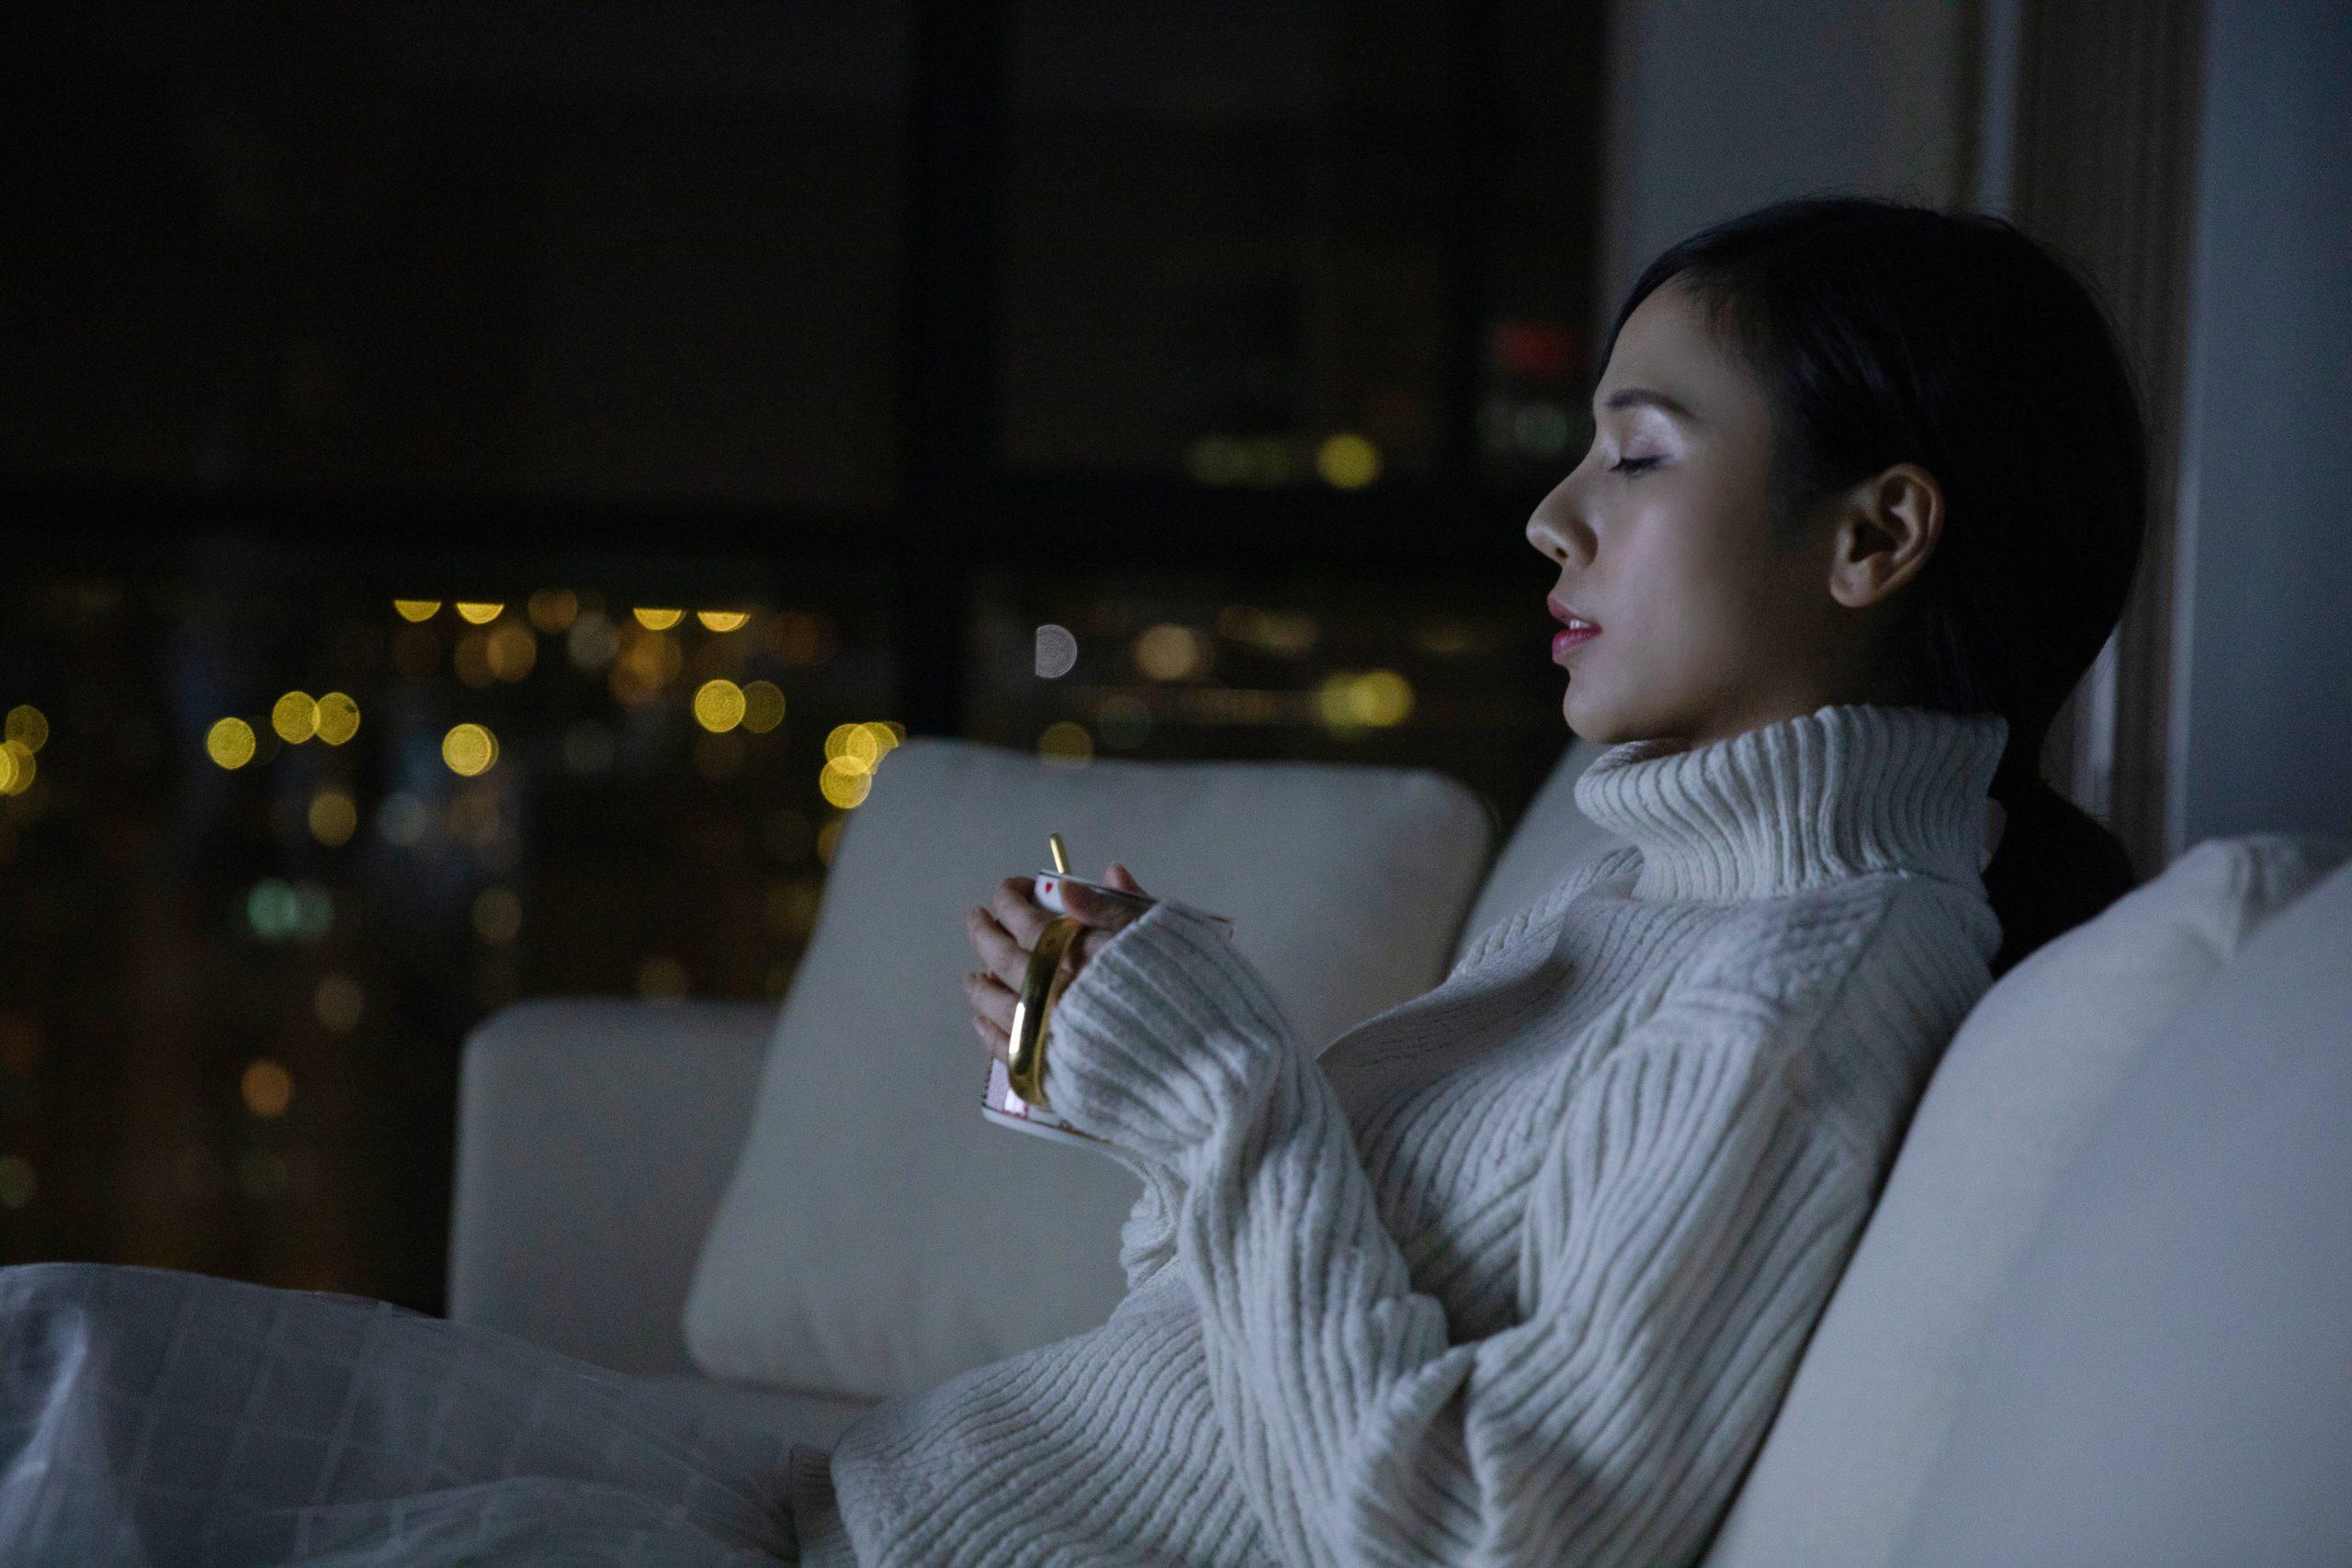 Sleep economy in Cina: il sonno diventa sempre più smart